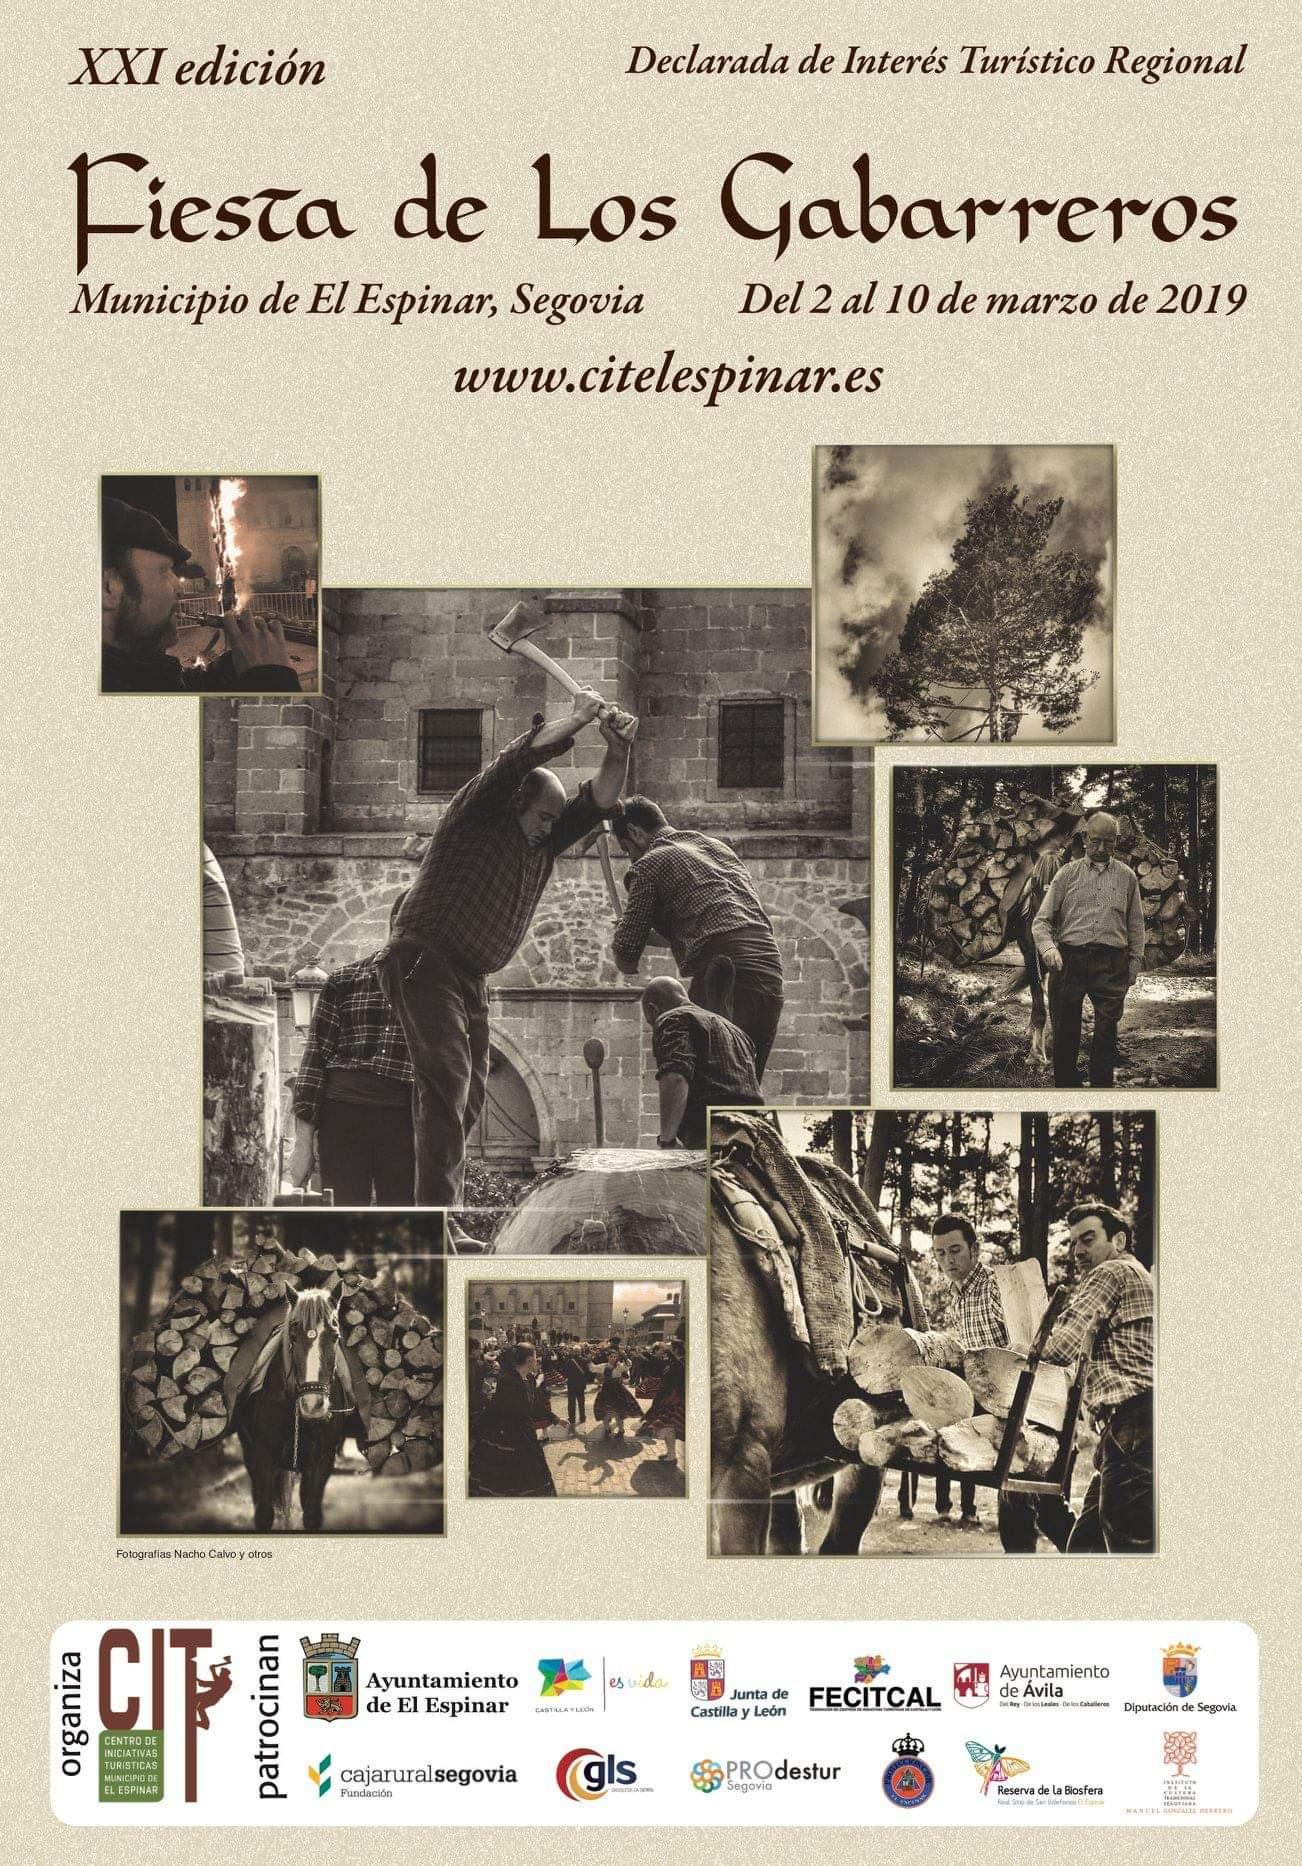 Fiesta de los gabarreros 2019. El Espinar.